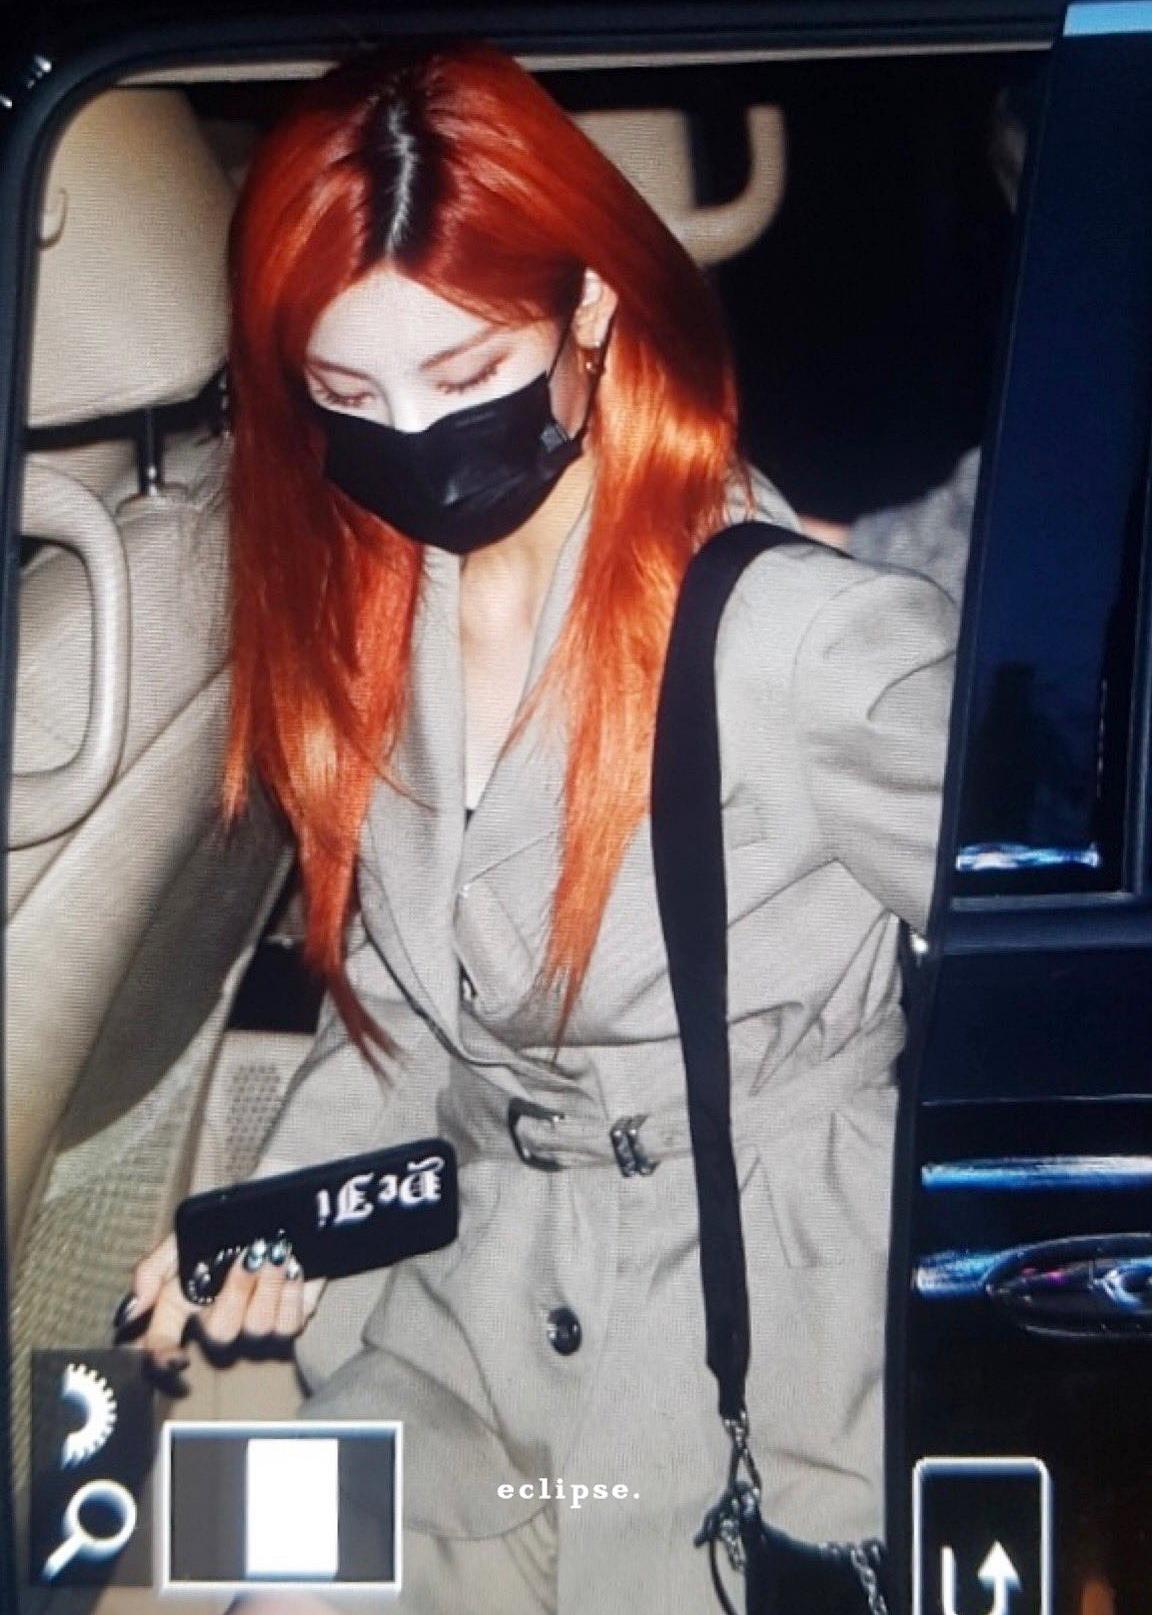 NITZY đang tham gia show của Naver vào thứ 5 hàng tuần. Những hình ảnh đi làm vào tối 5/3 của ITZY nhận được sự quan tâm của người hâm mộ.